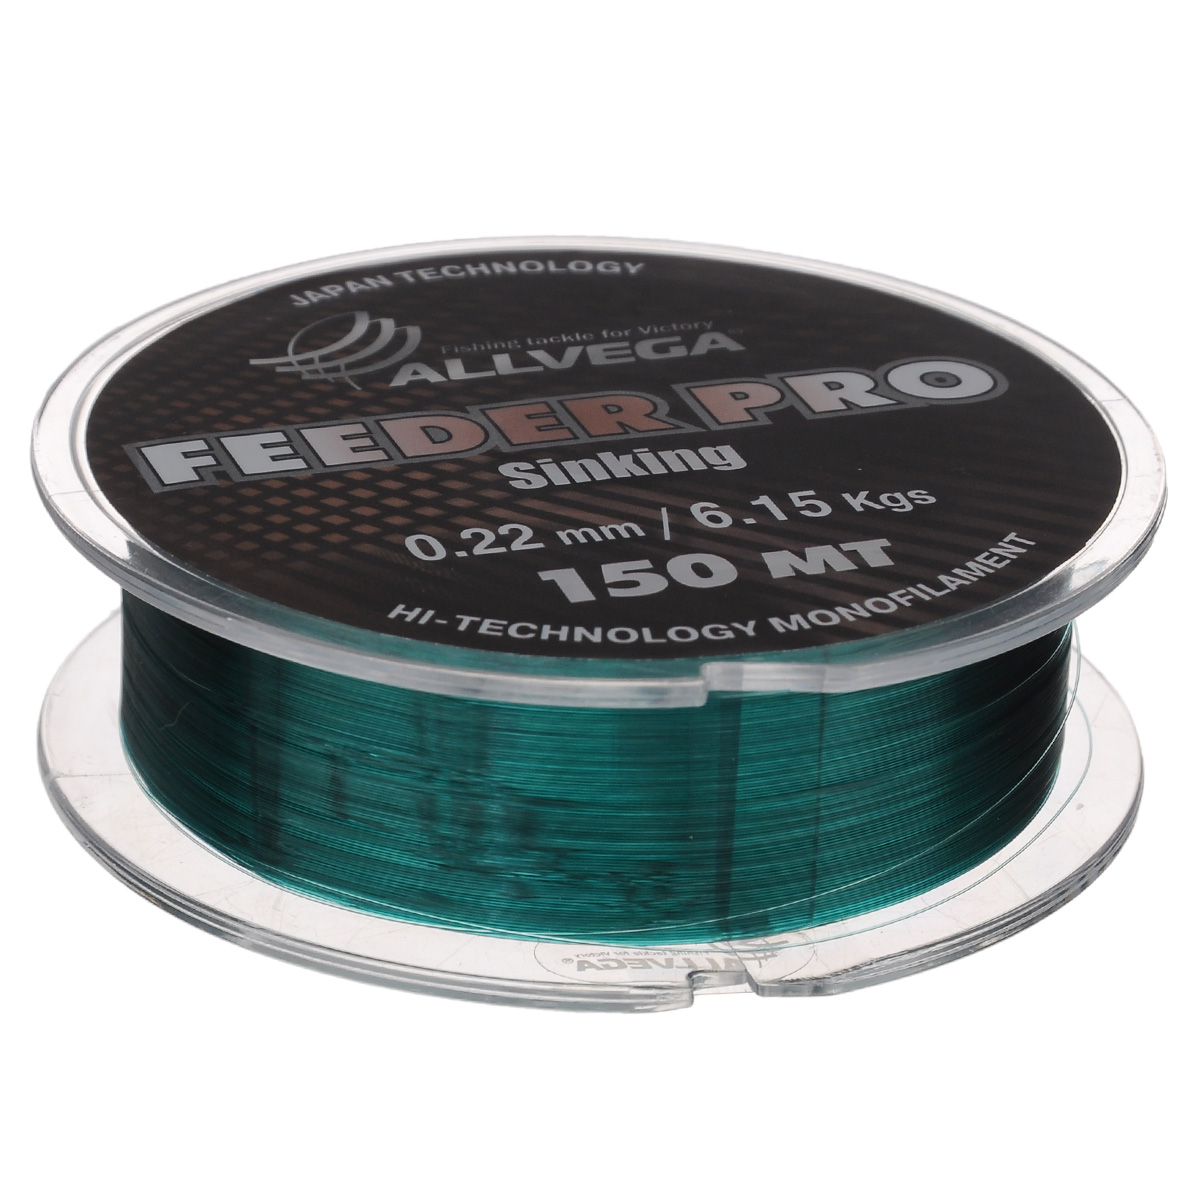 Леска Allvega Feeder Pro Sinking, цвет: темно-зеленый, 150 м, 0,22 мм, 6,15 кгPGPS7797CIS08GBNVЛеска Allvega Feeder Pro Sinking предназначена для фидерной ловли. Обладает всеми необходимыми характеристиками для фидерной ловли. Это - повышенная стойкость к перетиранию о бровки, камни и ракушечник, отлично тонет, имеет малую растяжимость, окрашена в темно-зеленый цвет. Может с успехом использоваться в матчевой ловле и при ловле на зимнюю поплавочную удочку.